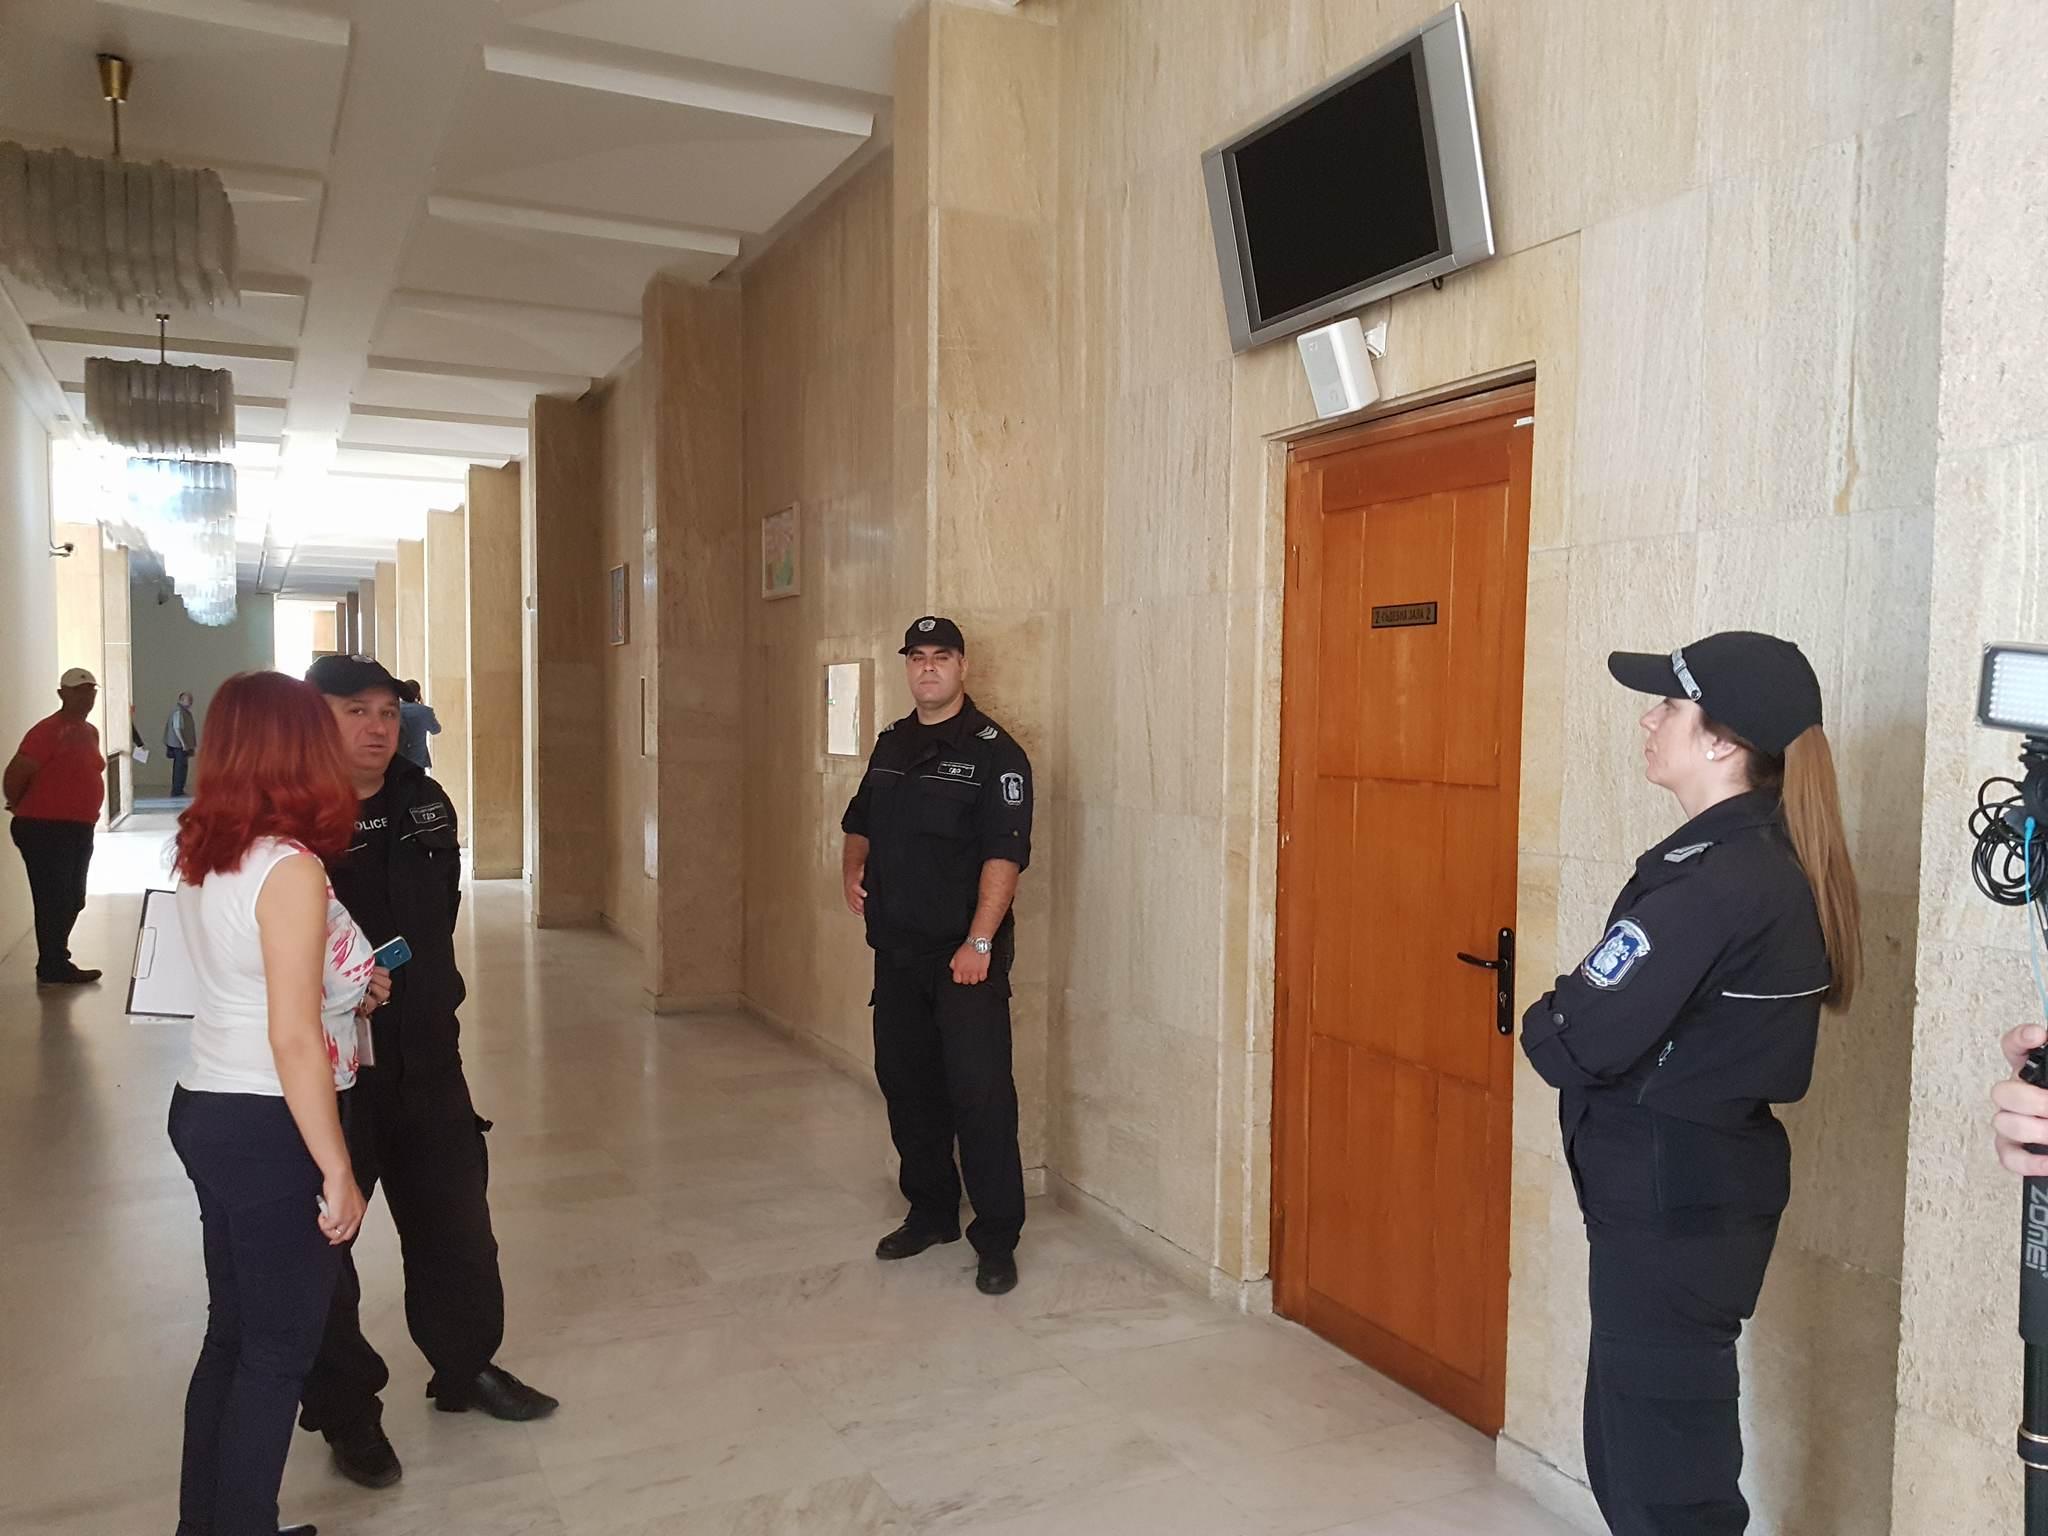 Делото за атентата на летището започна в Бургас. Разпитват повече от 40 души